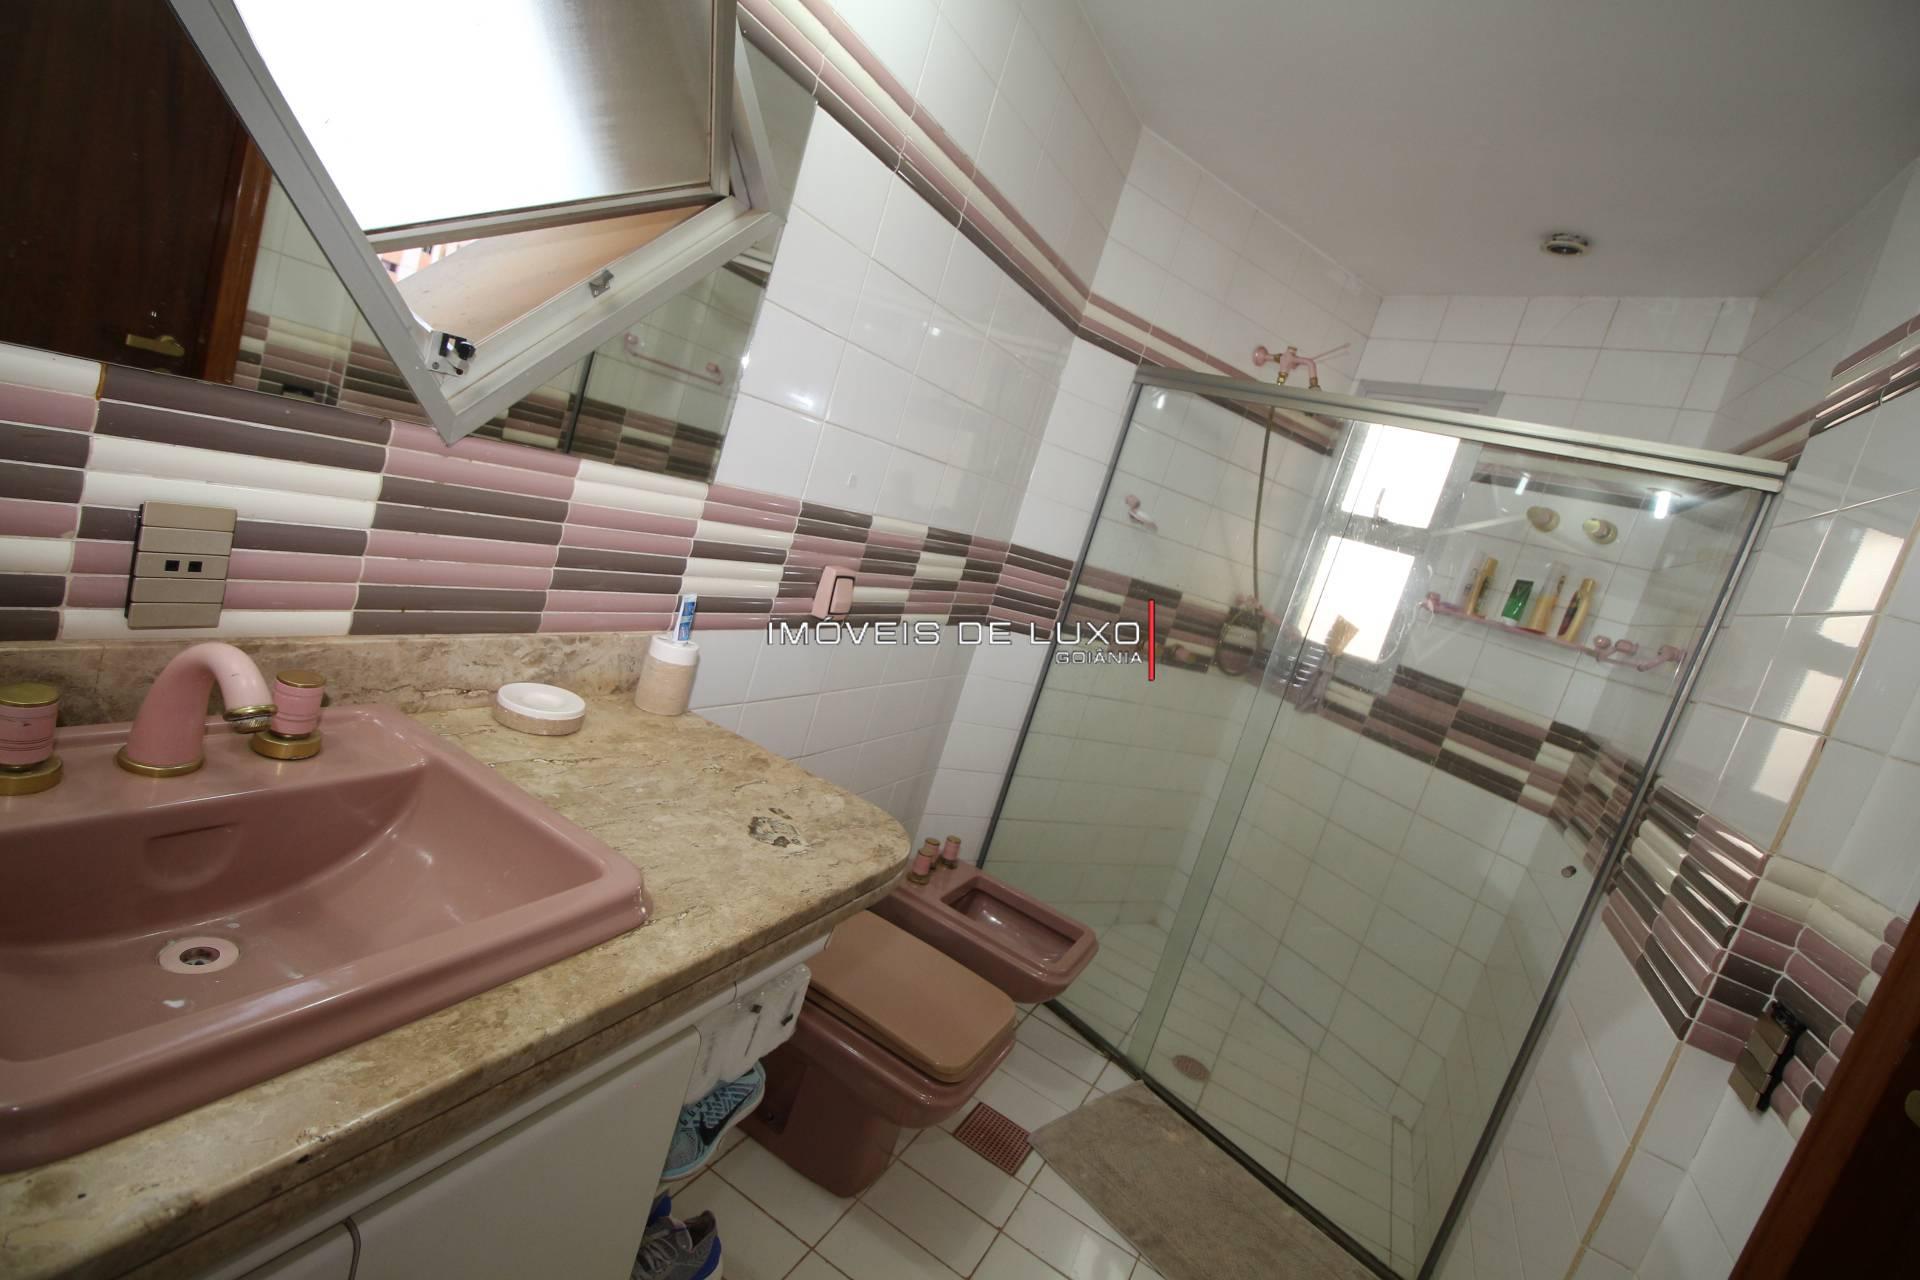 Imóveis de Luxo - Apartamento com 4 suítes no Setor Bueno